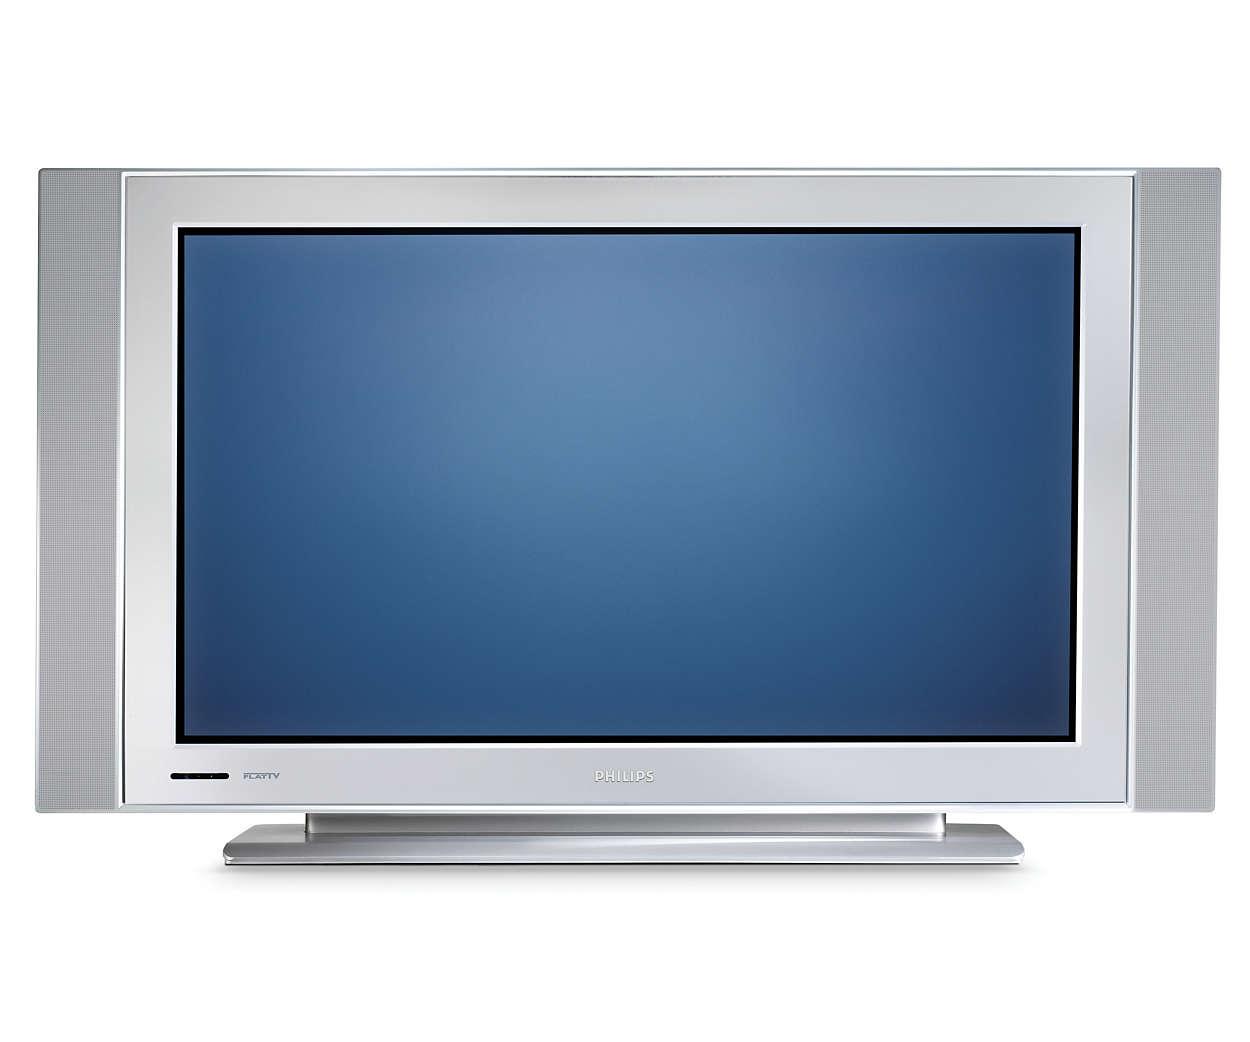 Oglądanie filmów